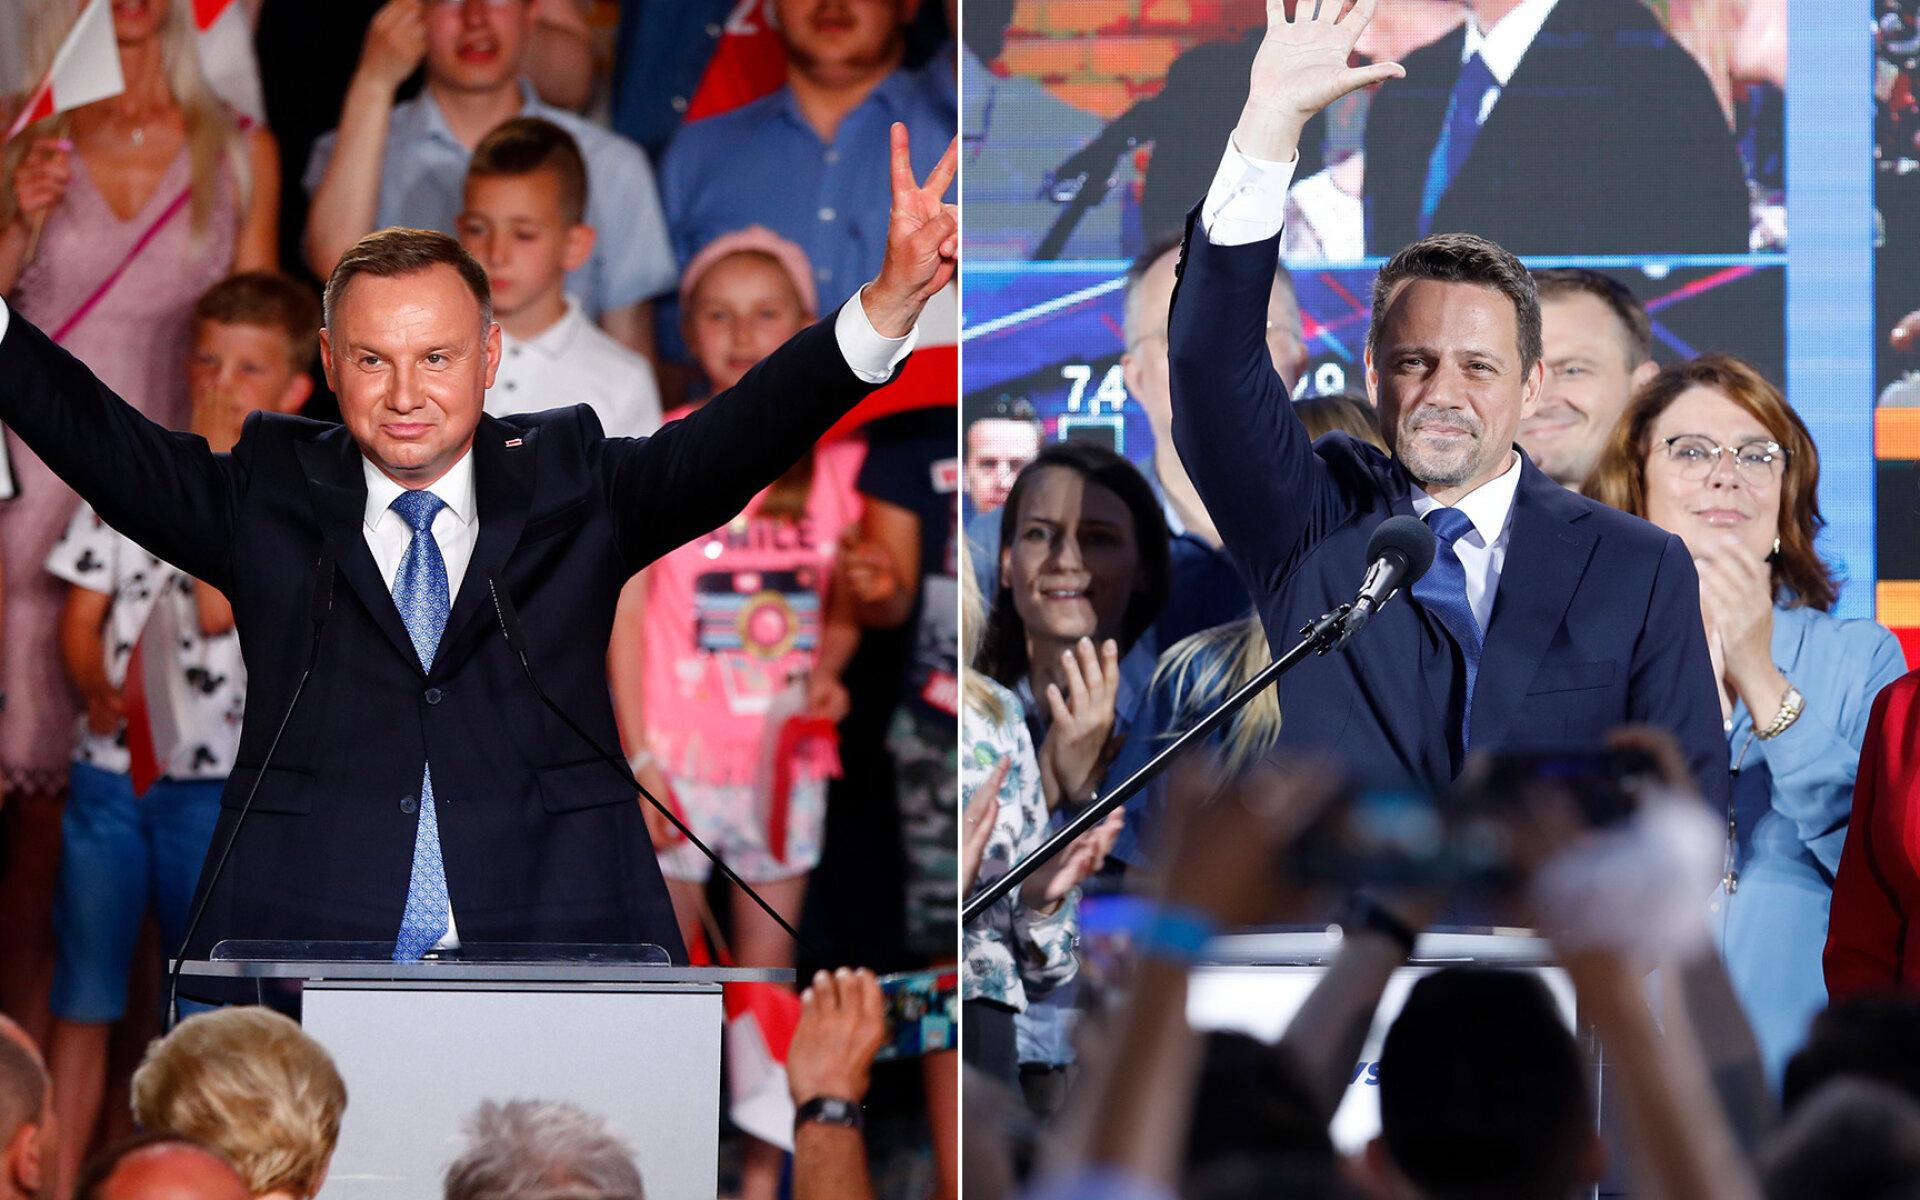 #czasdebaty. Debata prezydencka. Przesyłajcie pytania do Dudy i Trzaskowskiego | Gorące Tematy w Kontakt 24